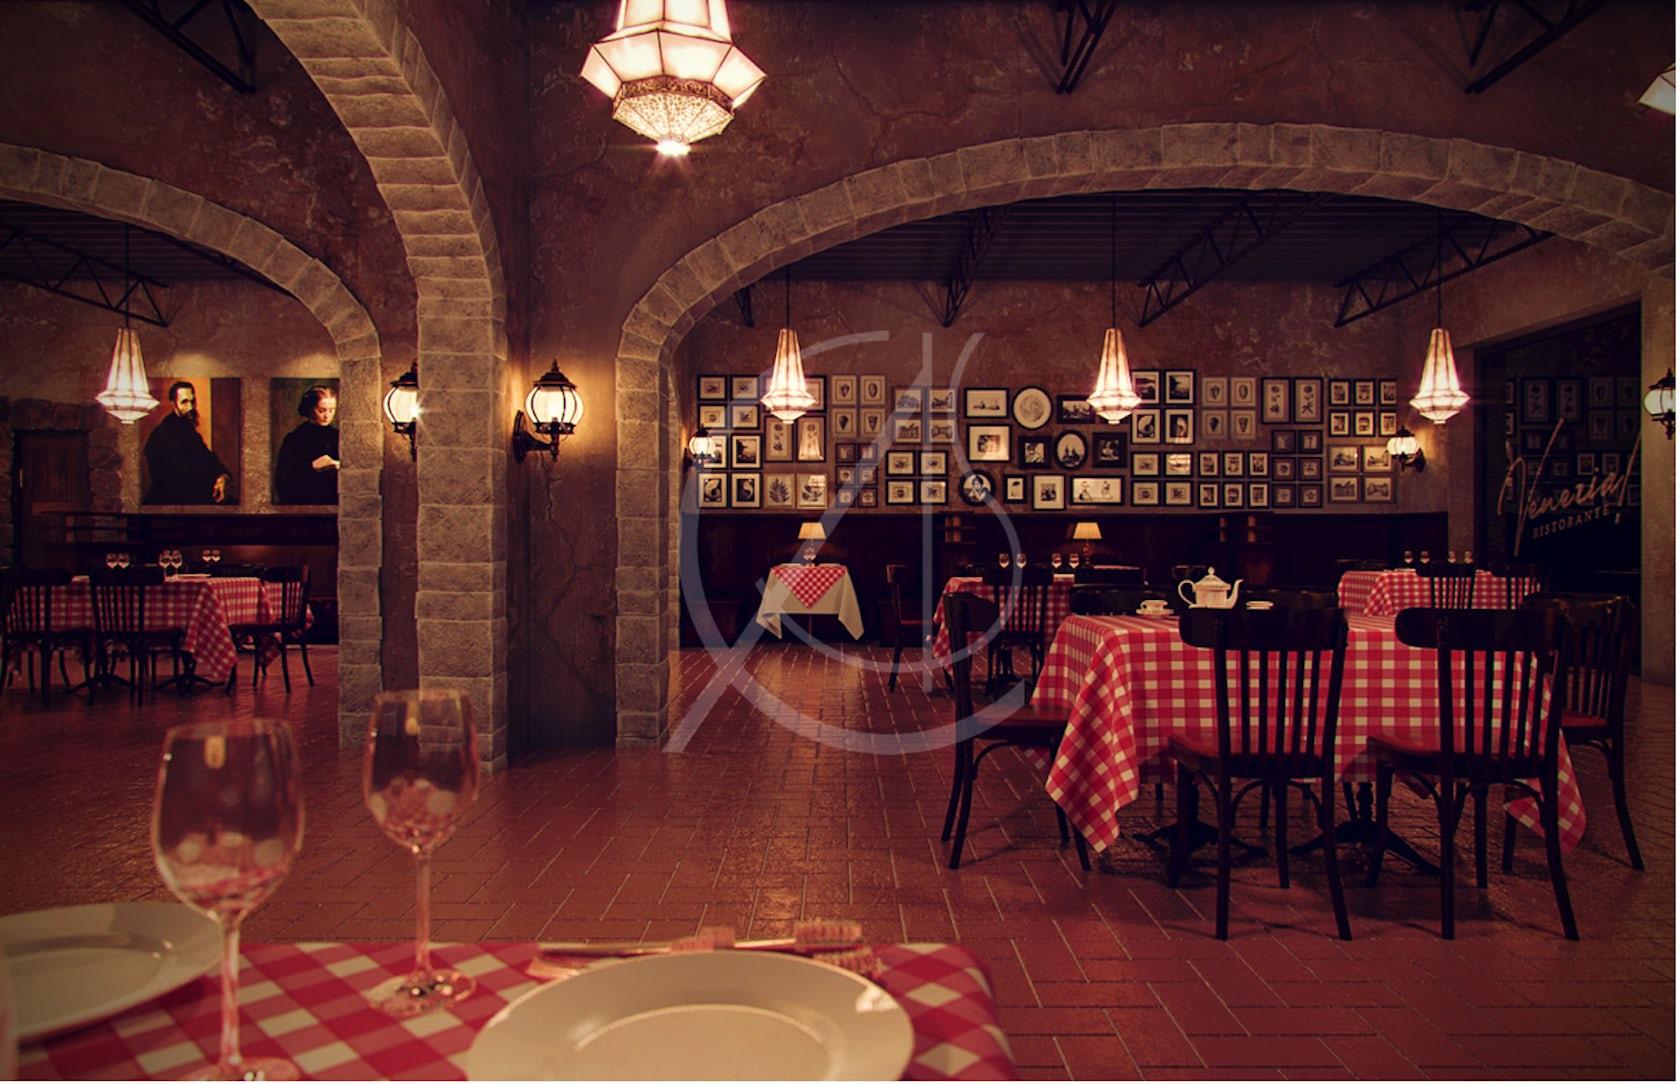 italian restaurant interior design ideas - Home Design